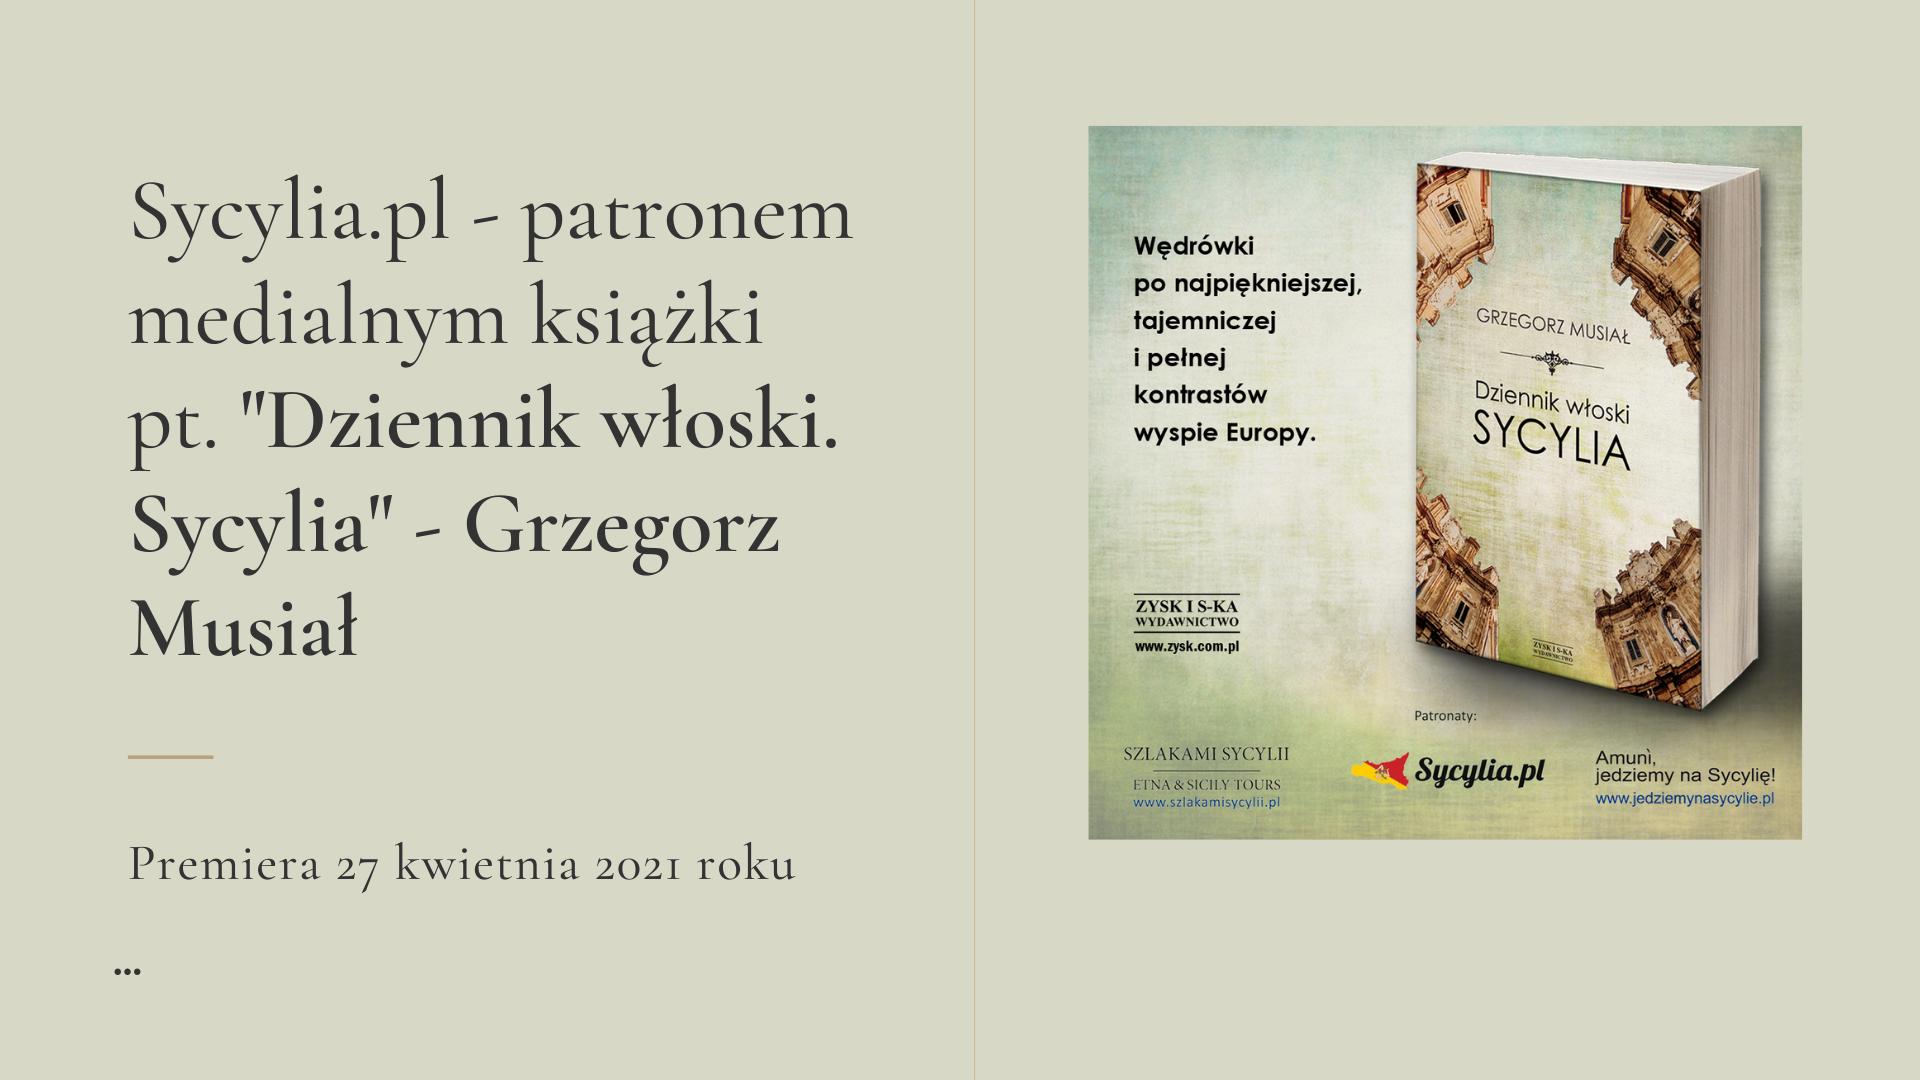 Dziennik włoski. Sycylia - Grzegorz Musiał